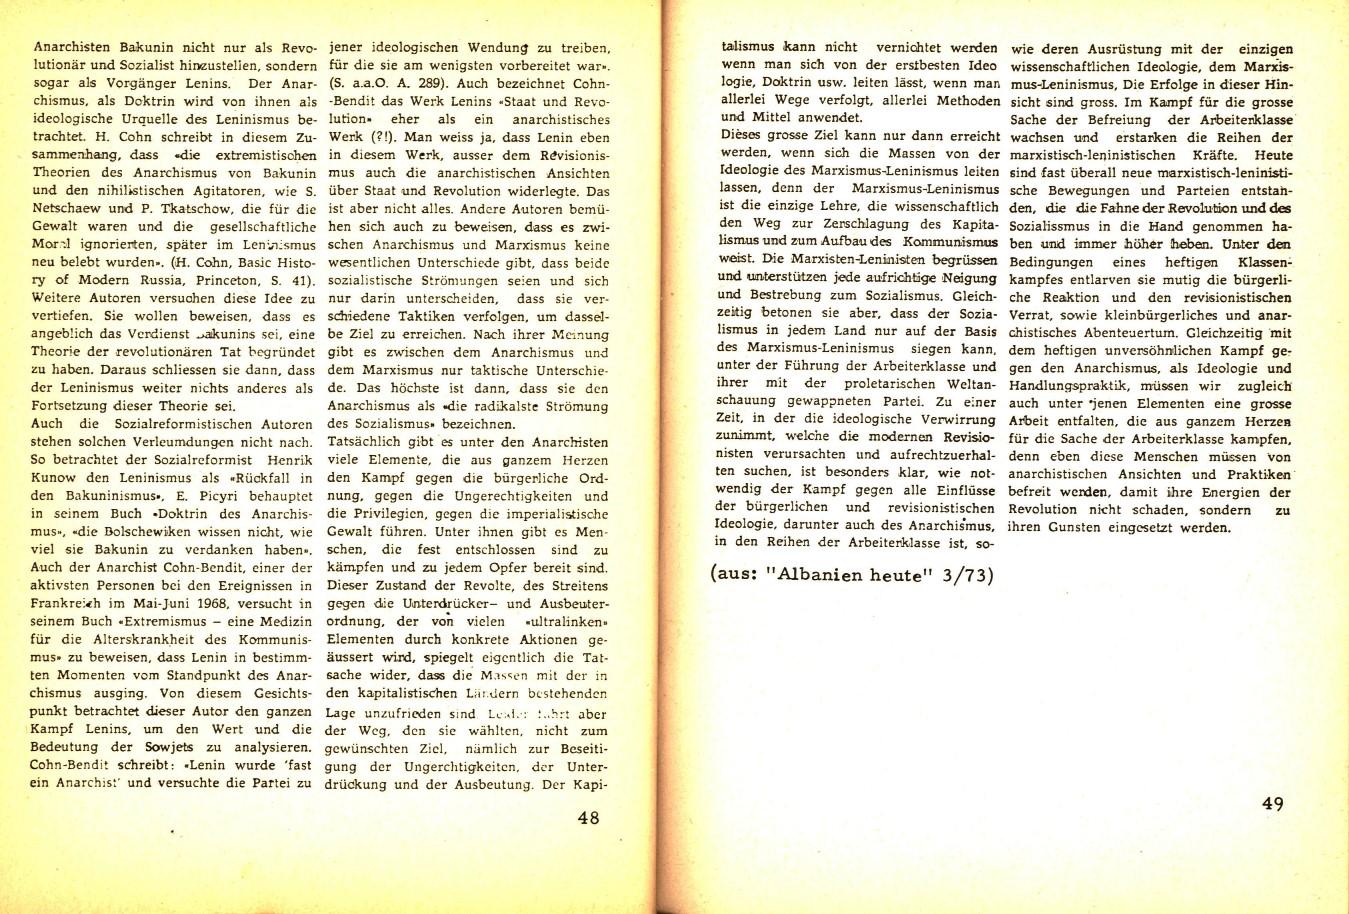 KPDAO_1974_30_Jahre_Befreiung_Albaniens_25